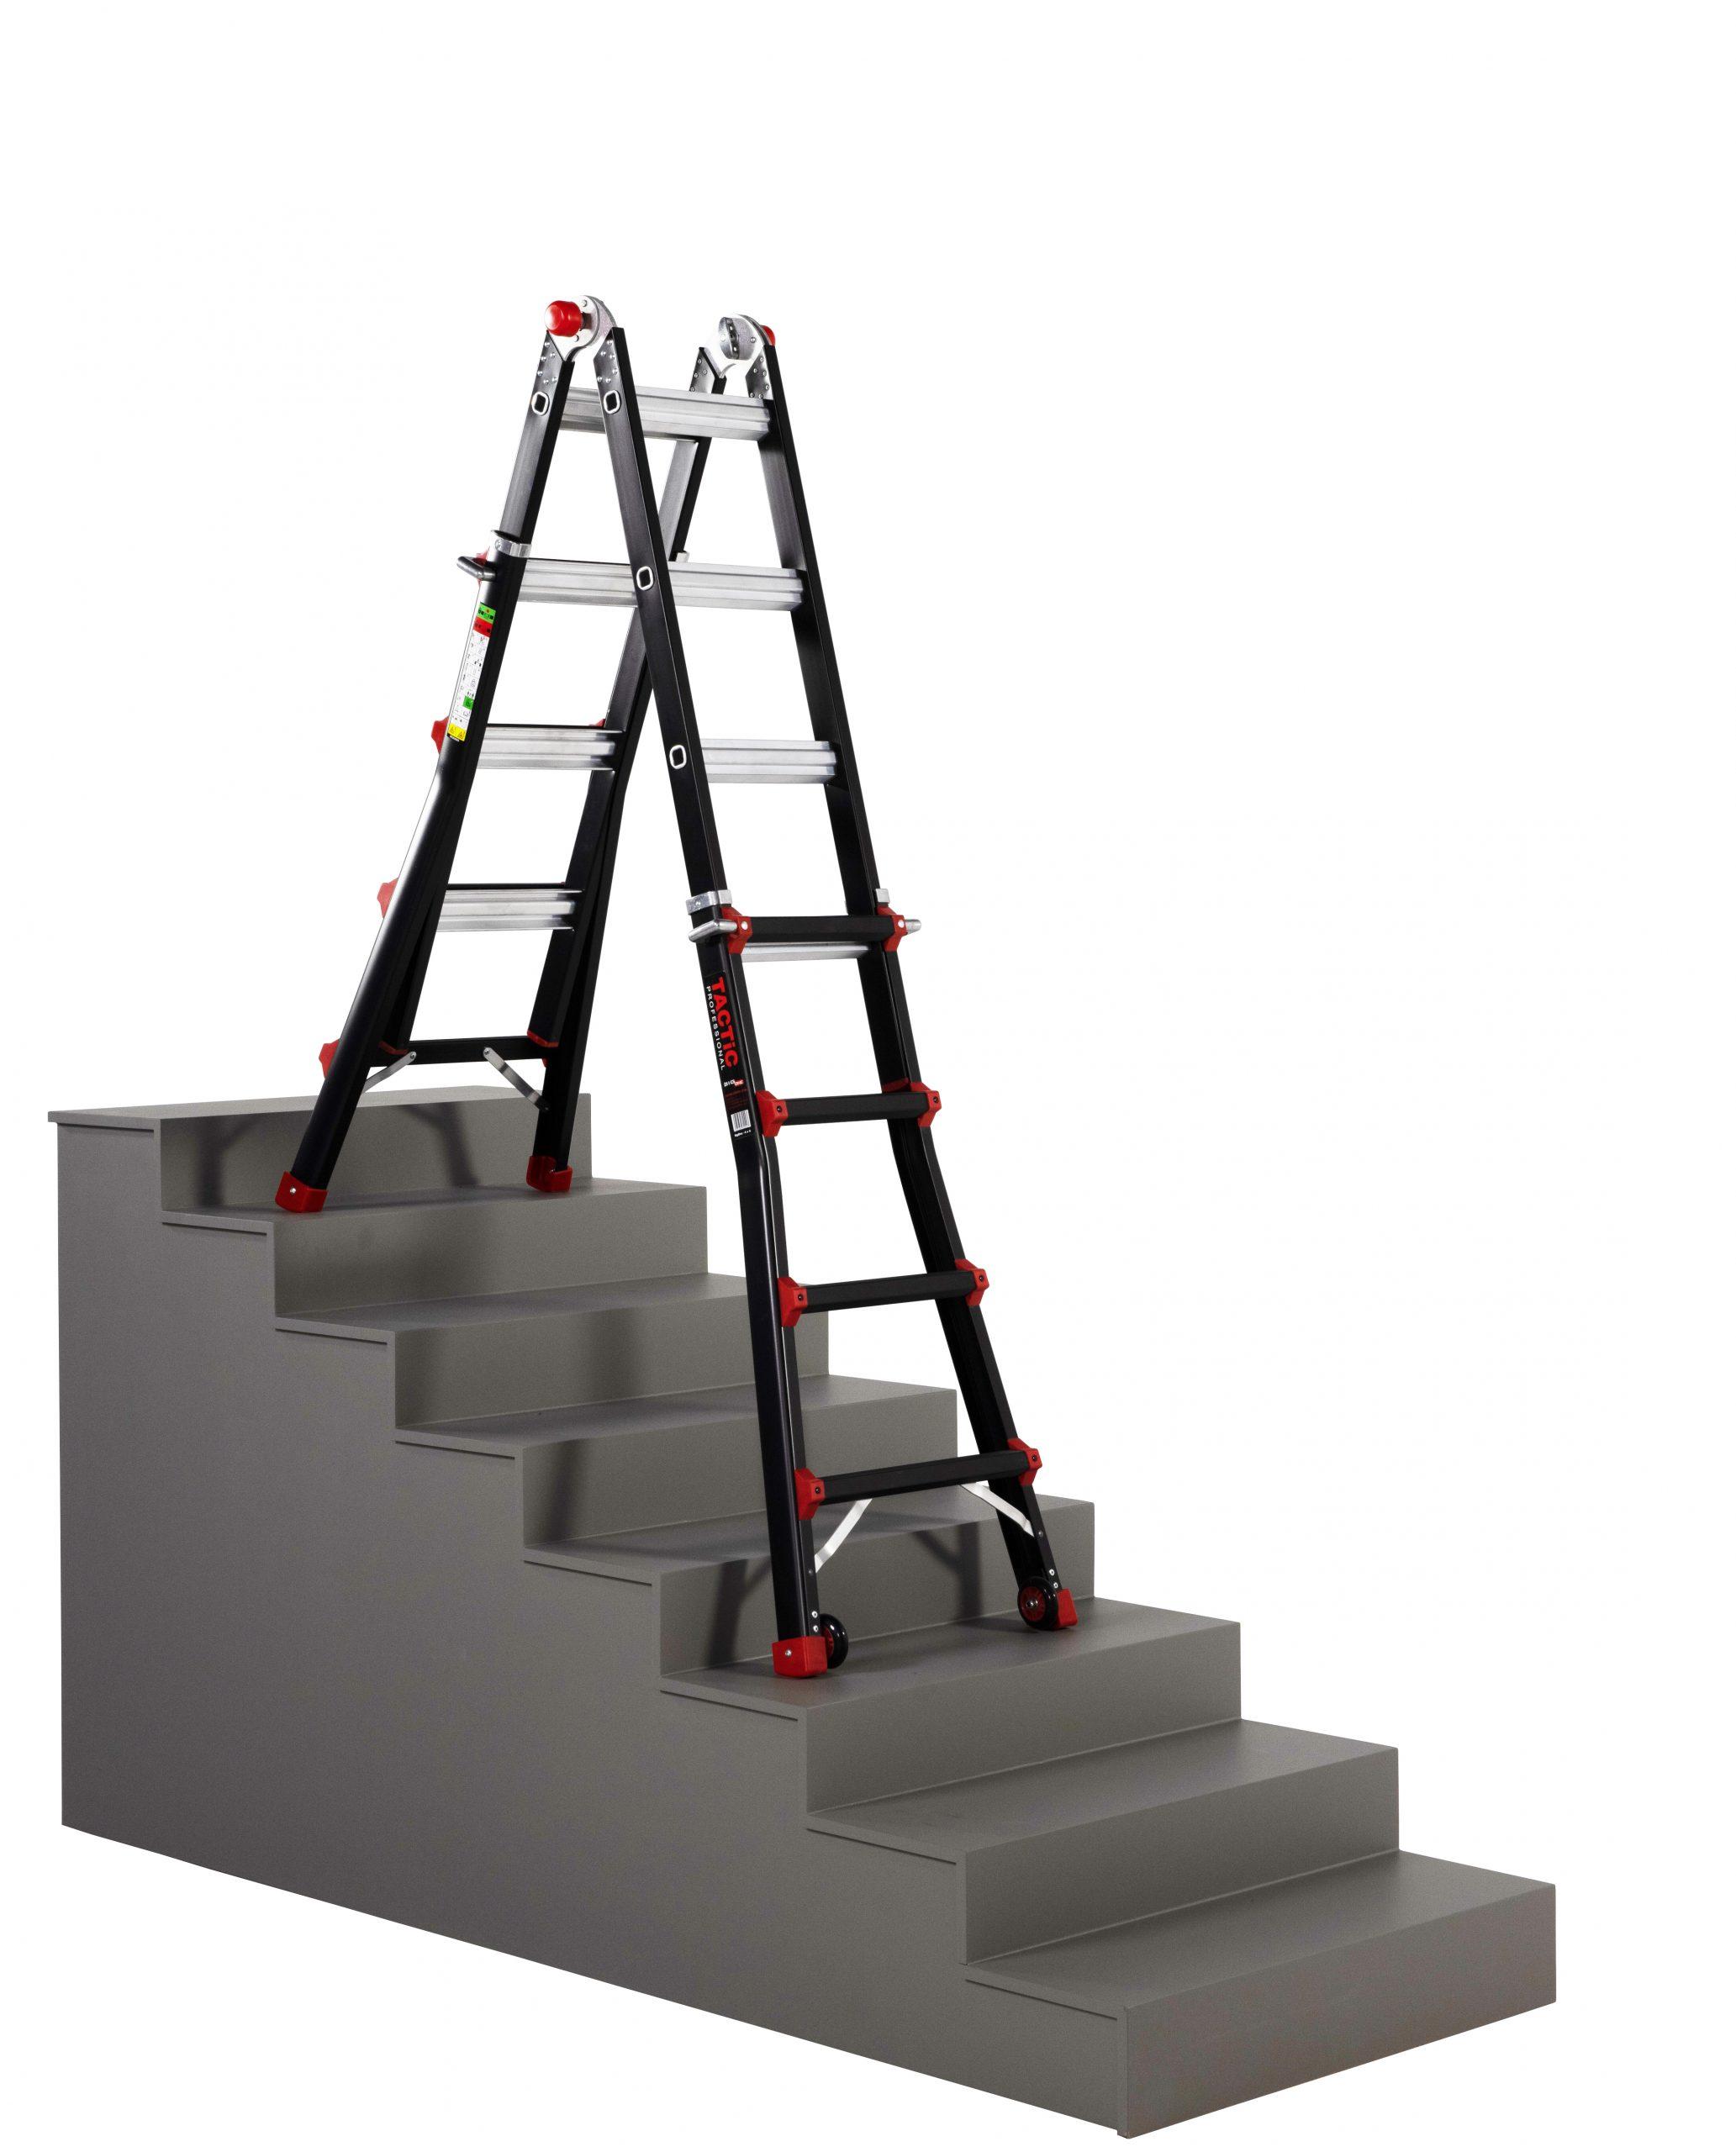 4x4 uitgeschoven op trap